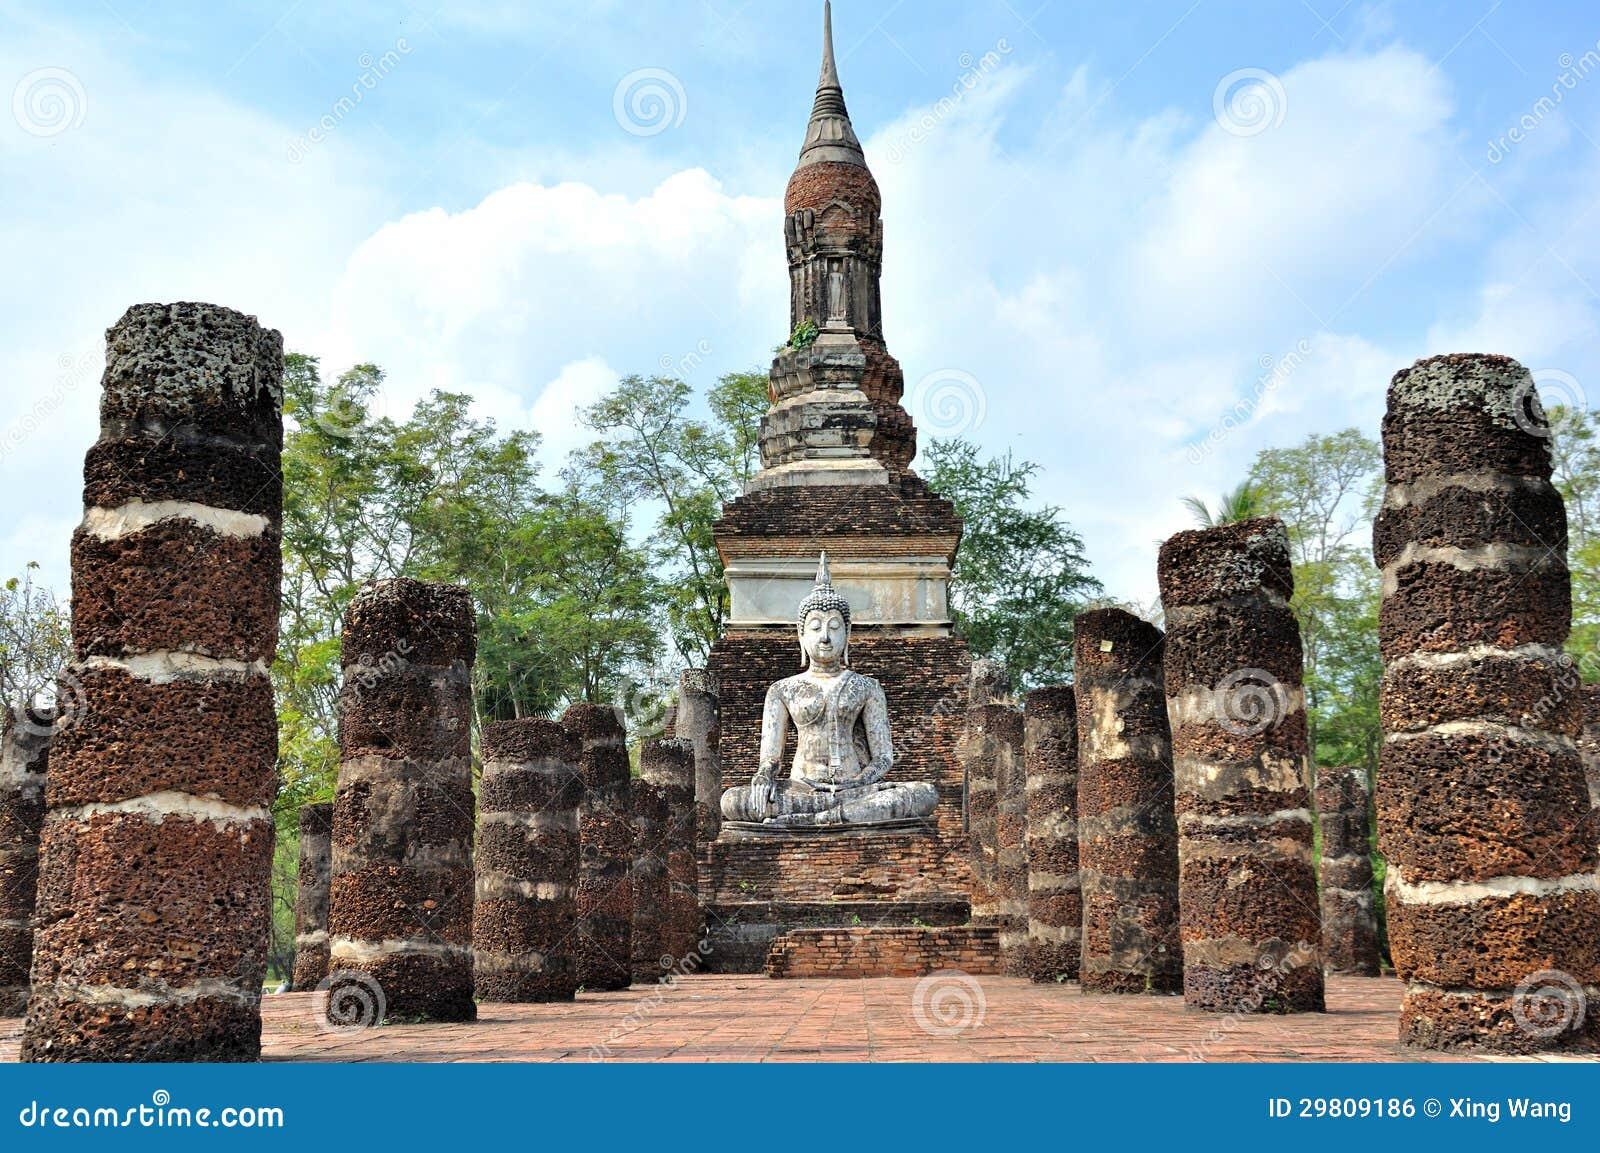 Wat Traphang Ngoen Royalty Free Stock Image - Image: 29809186